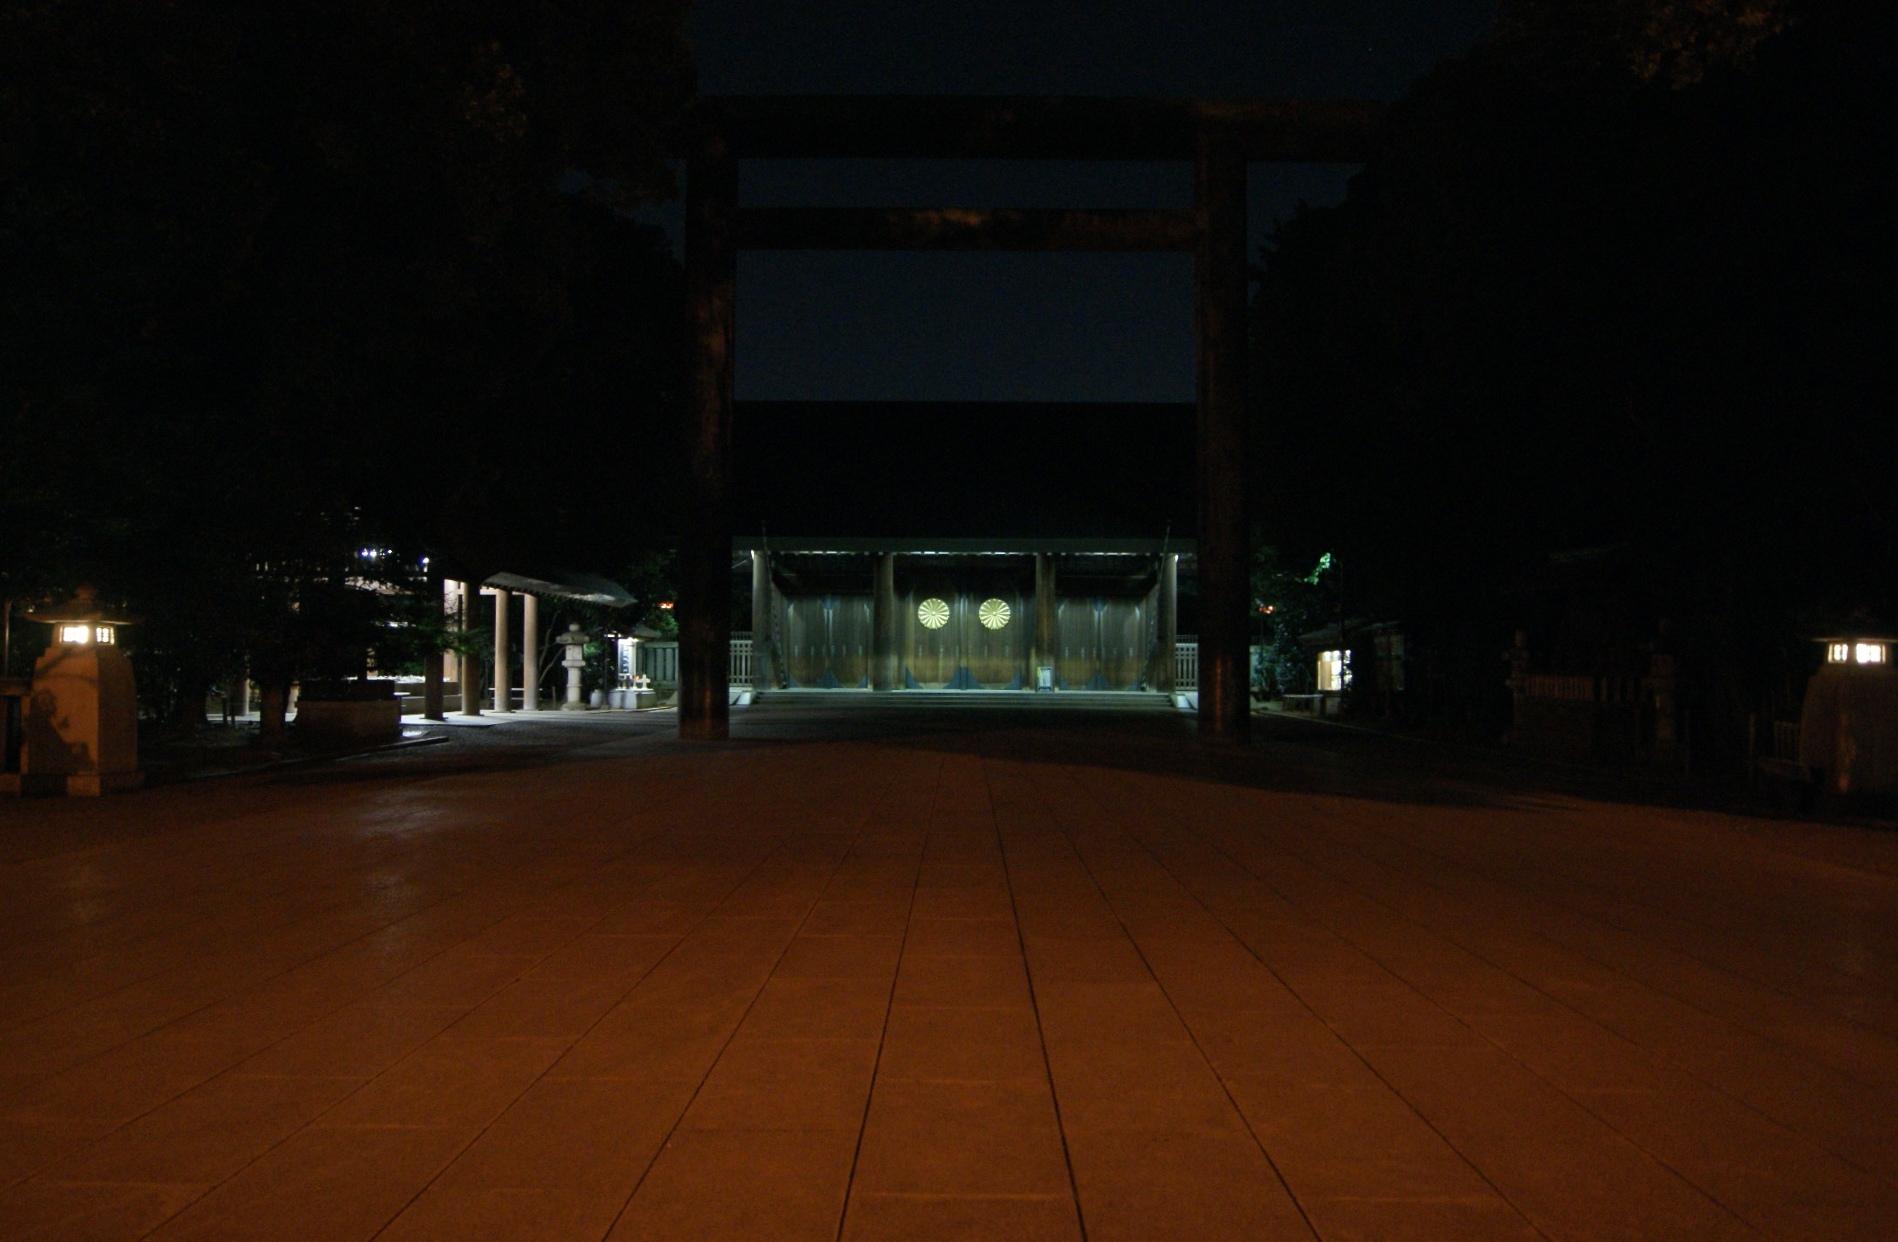 いつの頃からか、毎年終戦記念日の前後には、靖国神社に行くようにしています。テレビの戦争ドラマなんかでは、蝉が煩く泣いている暑い夏の日の午後、古めかしい真空管ラヂオから流れる